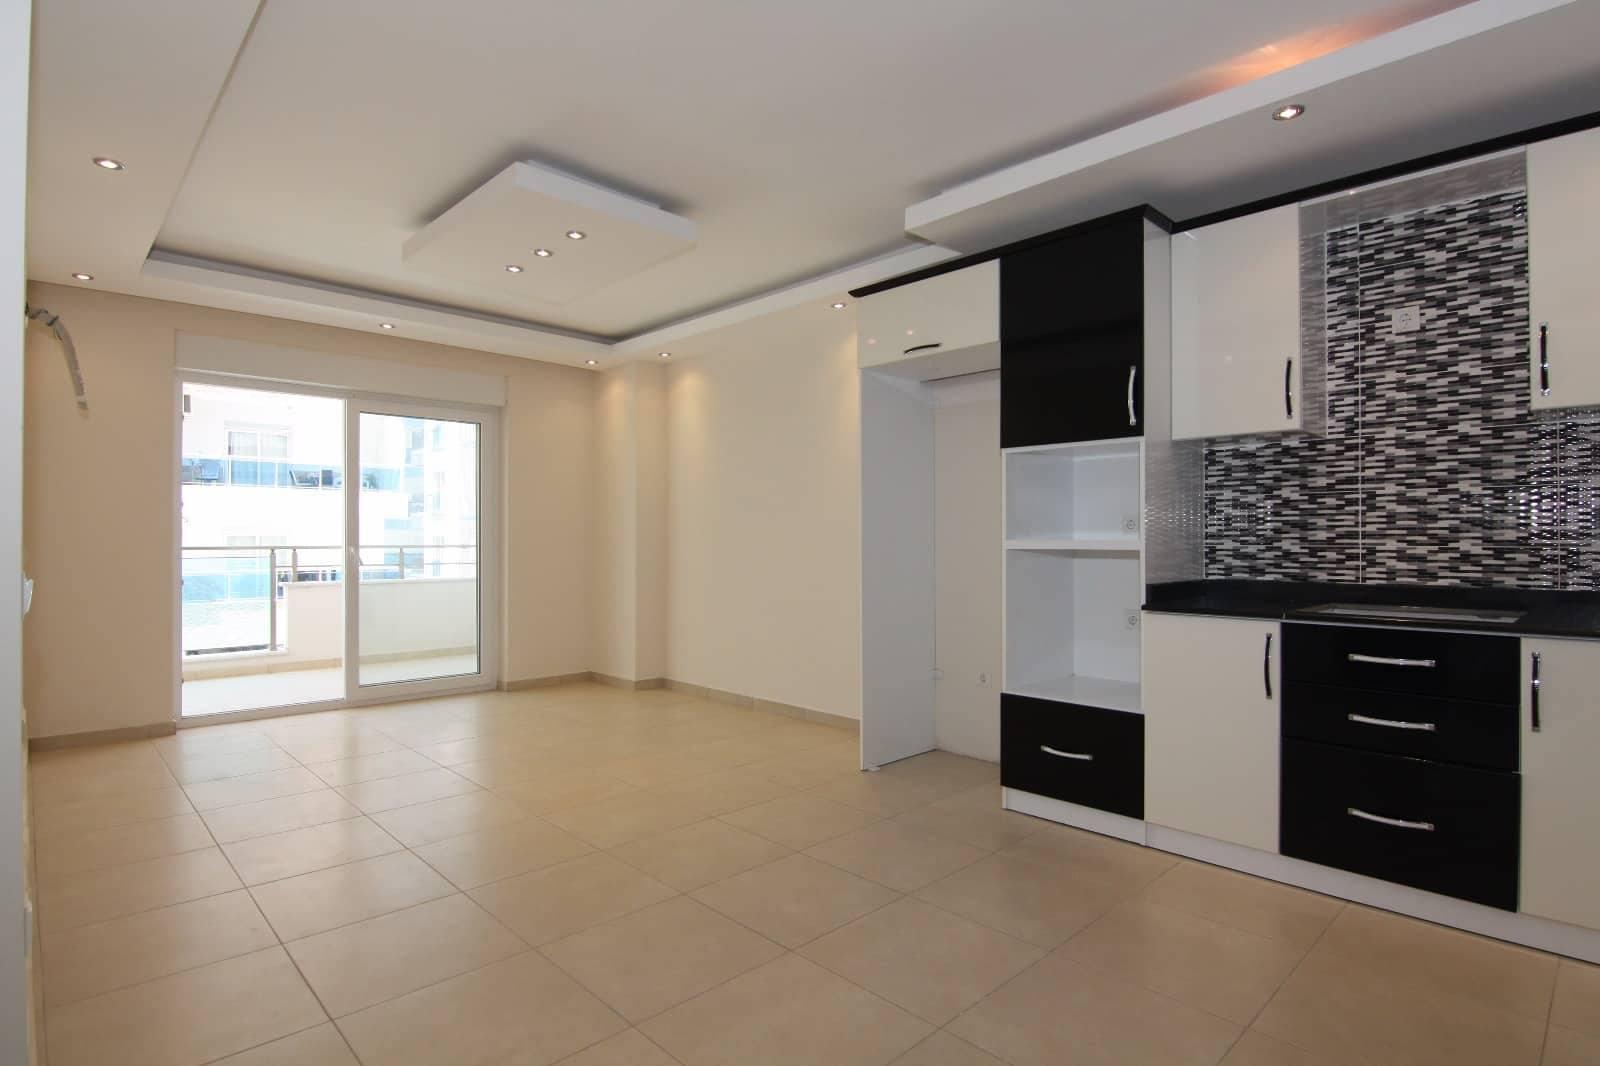 Срочная продажа апартаментов 1+1 в Аланье (Махмутлар)